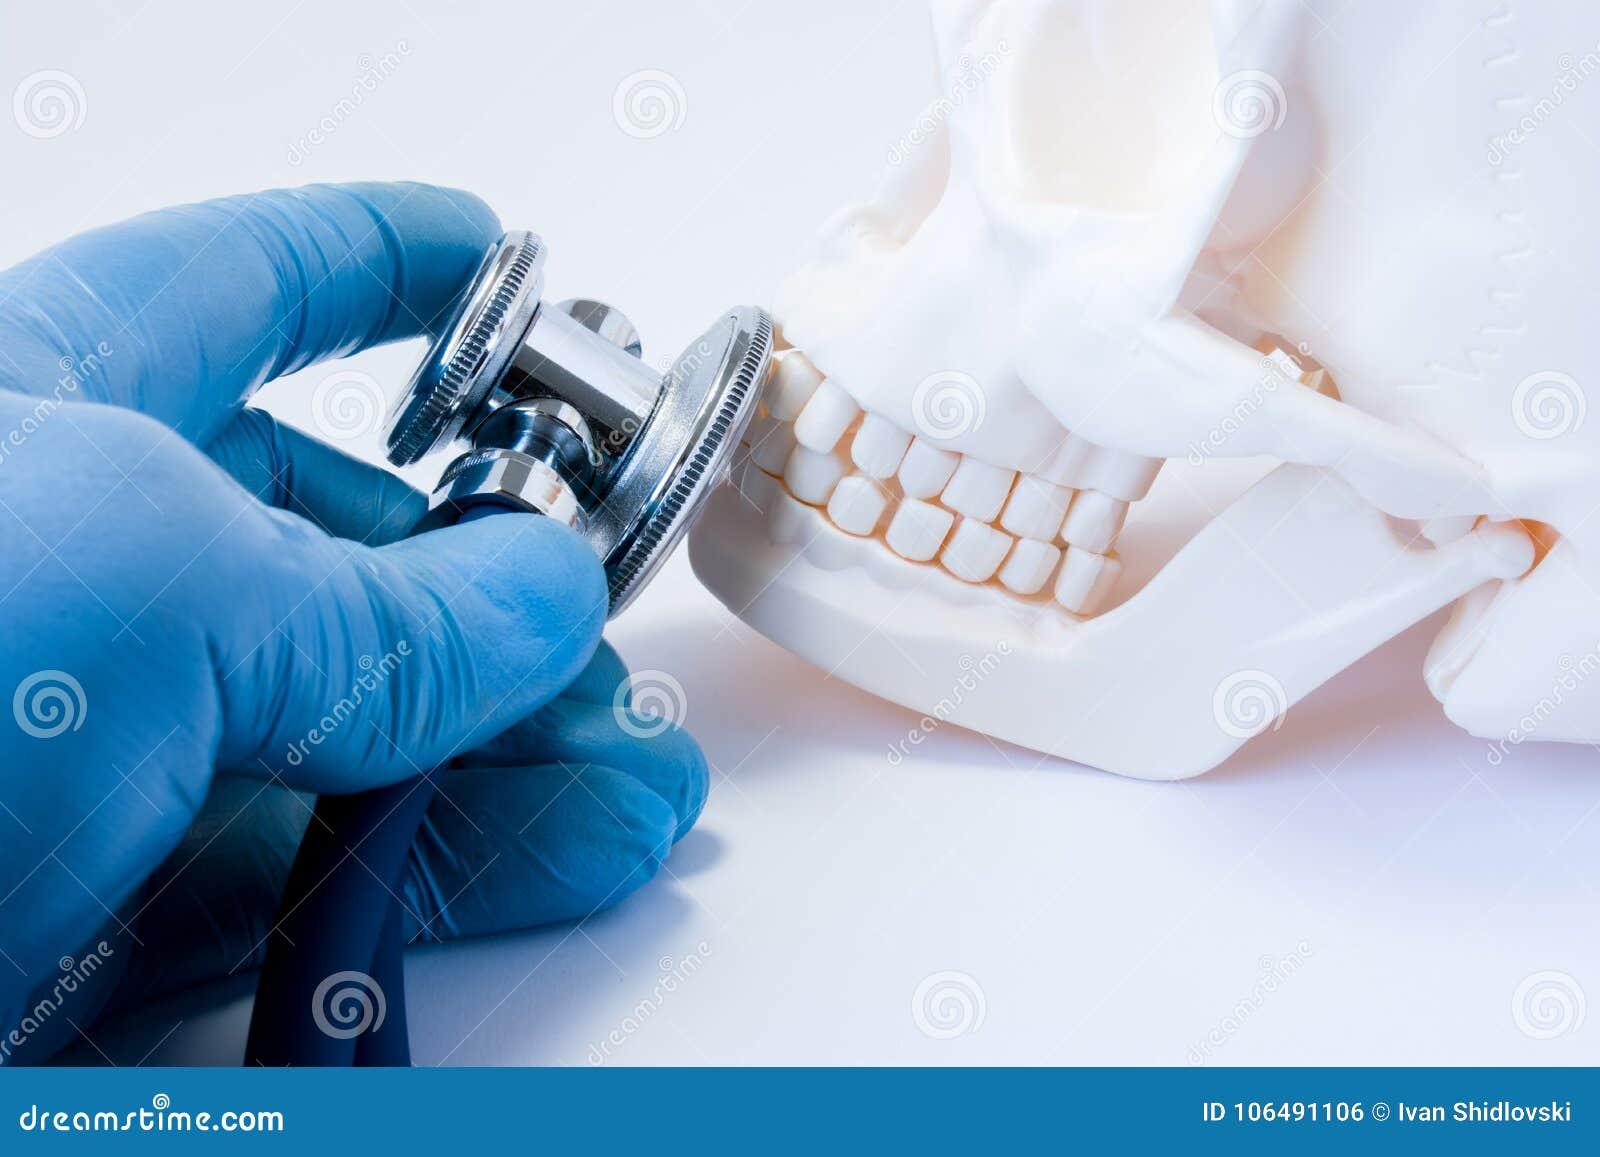 Diagnosi e rilevazione delle malattie dei denti in odontoiatria, malattia delle ossa della s orale e maxillo-facciale superiore e